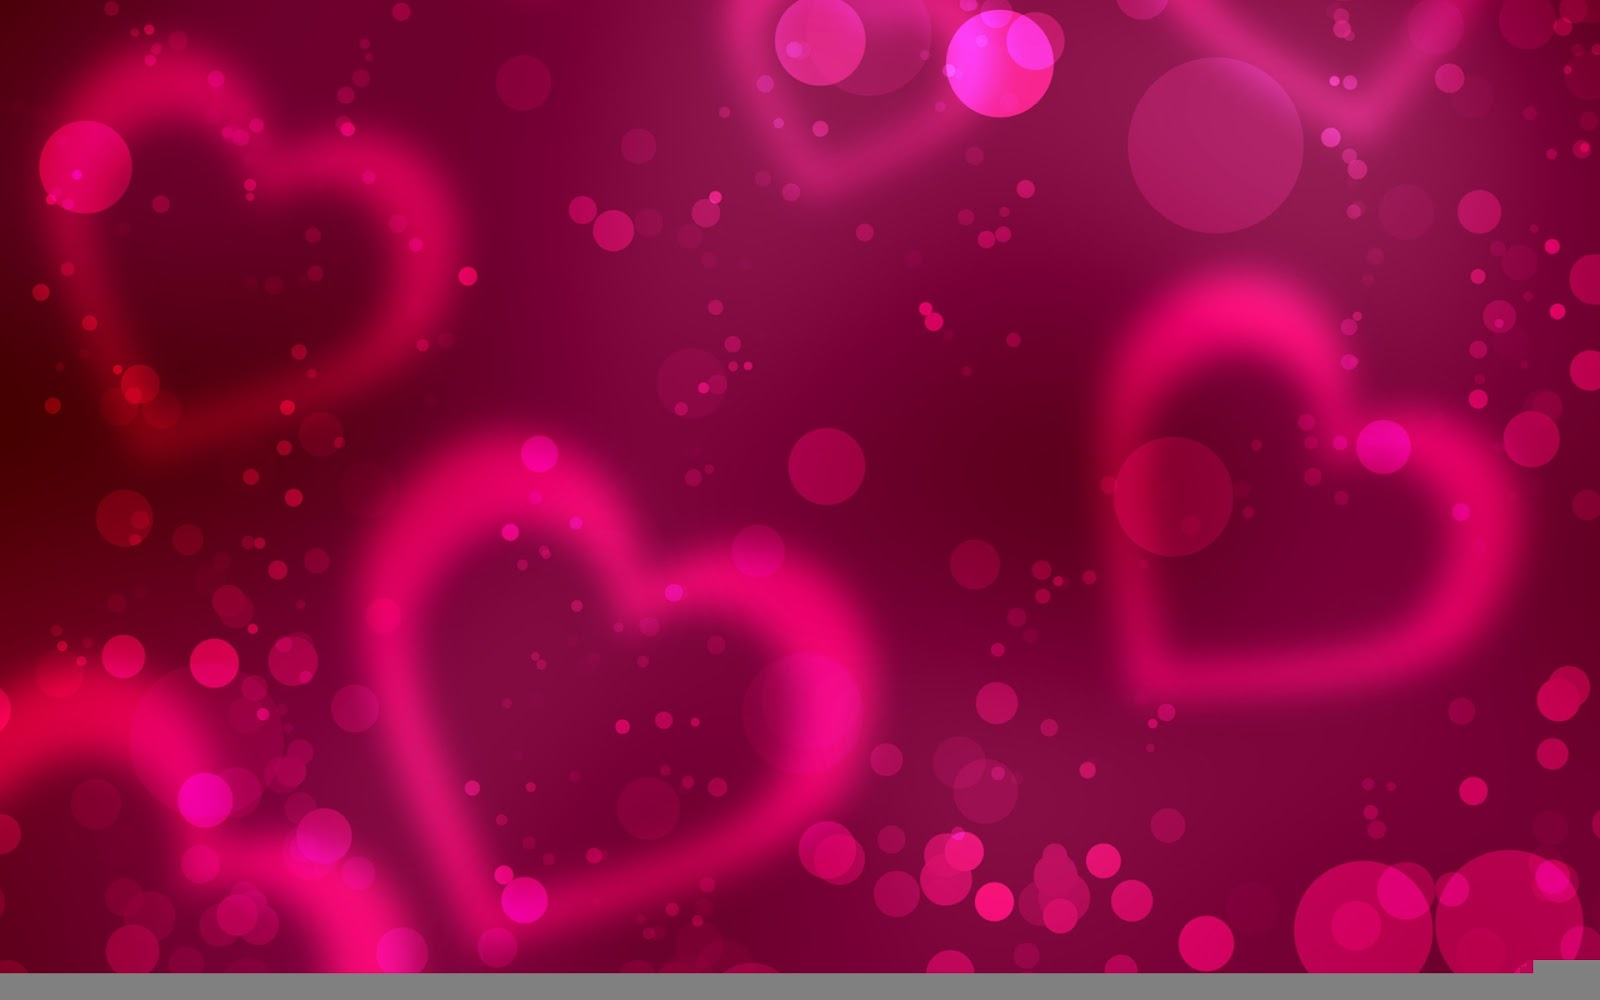 Download 5500 Koleksi Background Keren Terbaru Terbaik